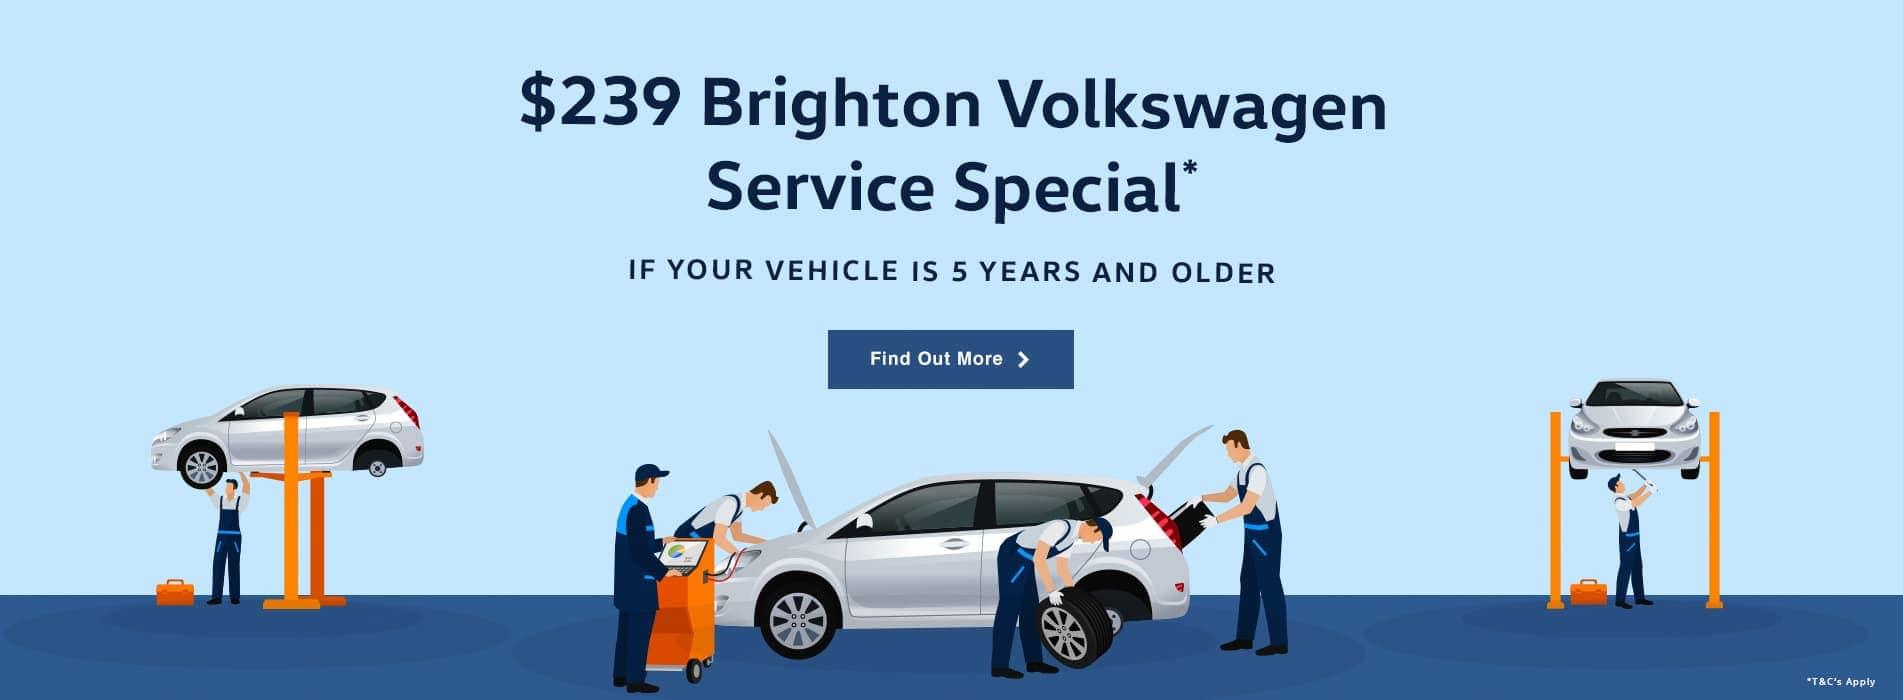 $239 Brighton Volkswagen Service Special